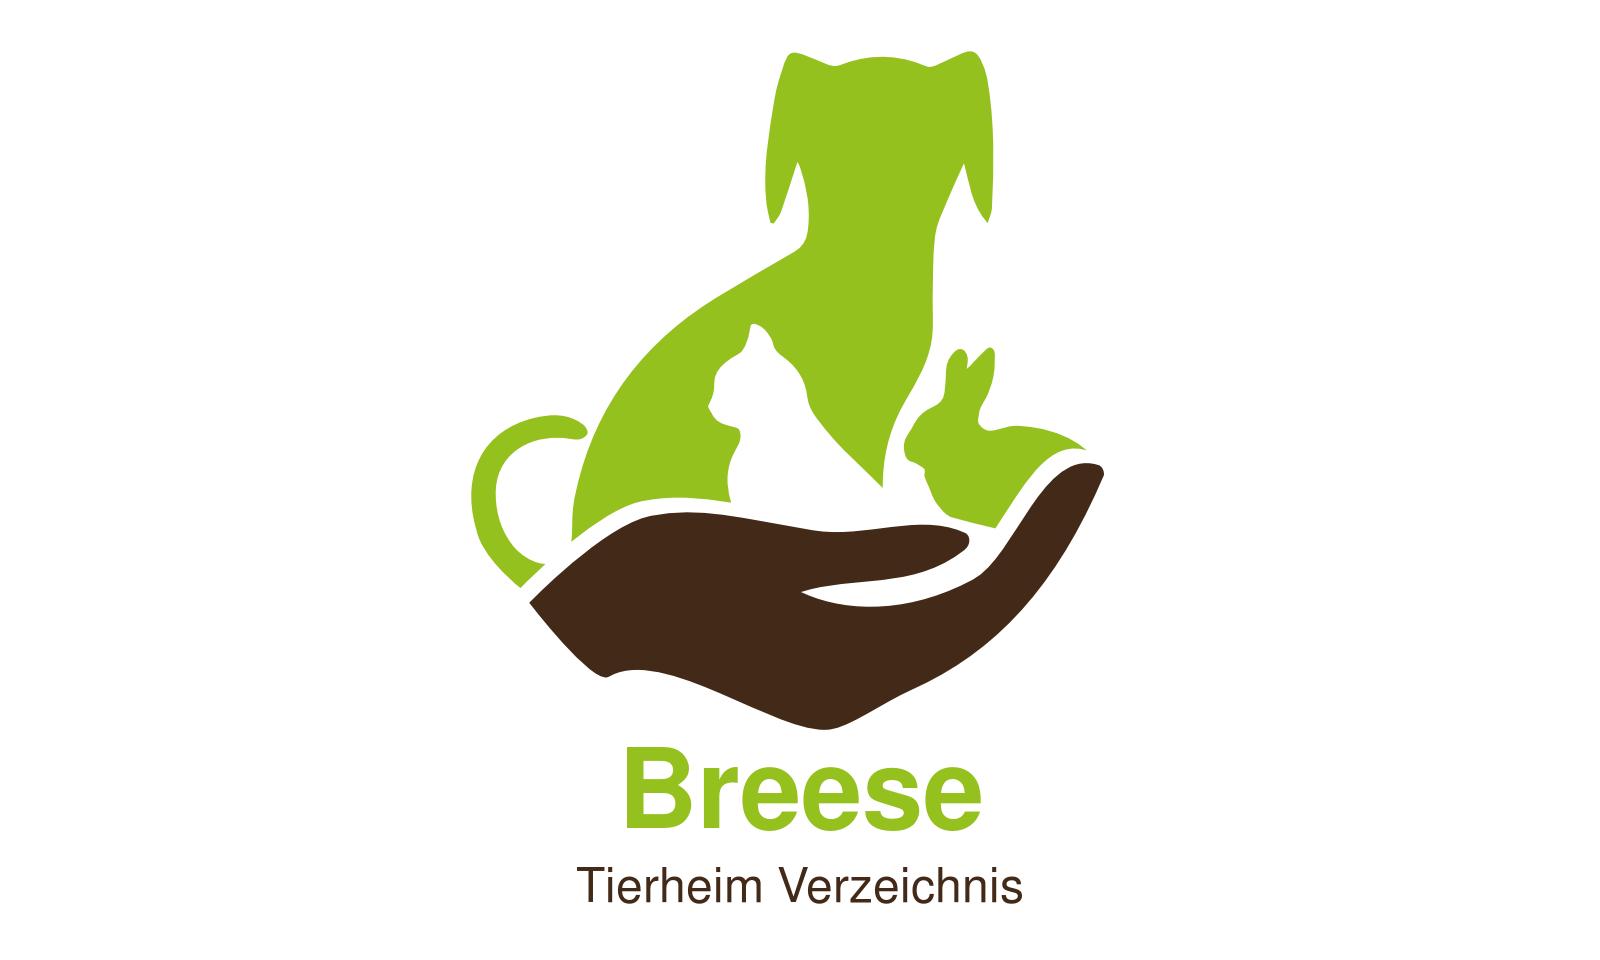 Tierheim Breese